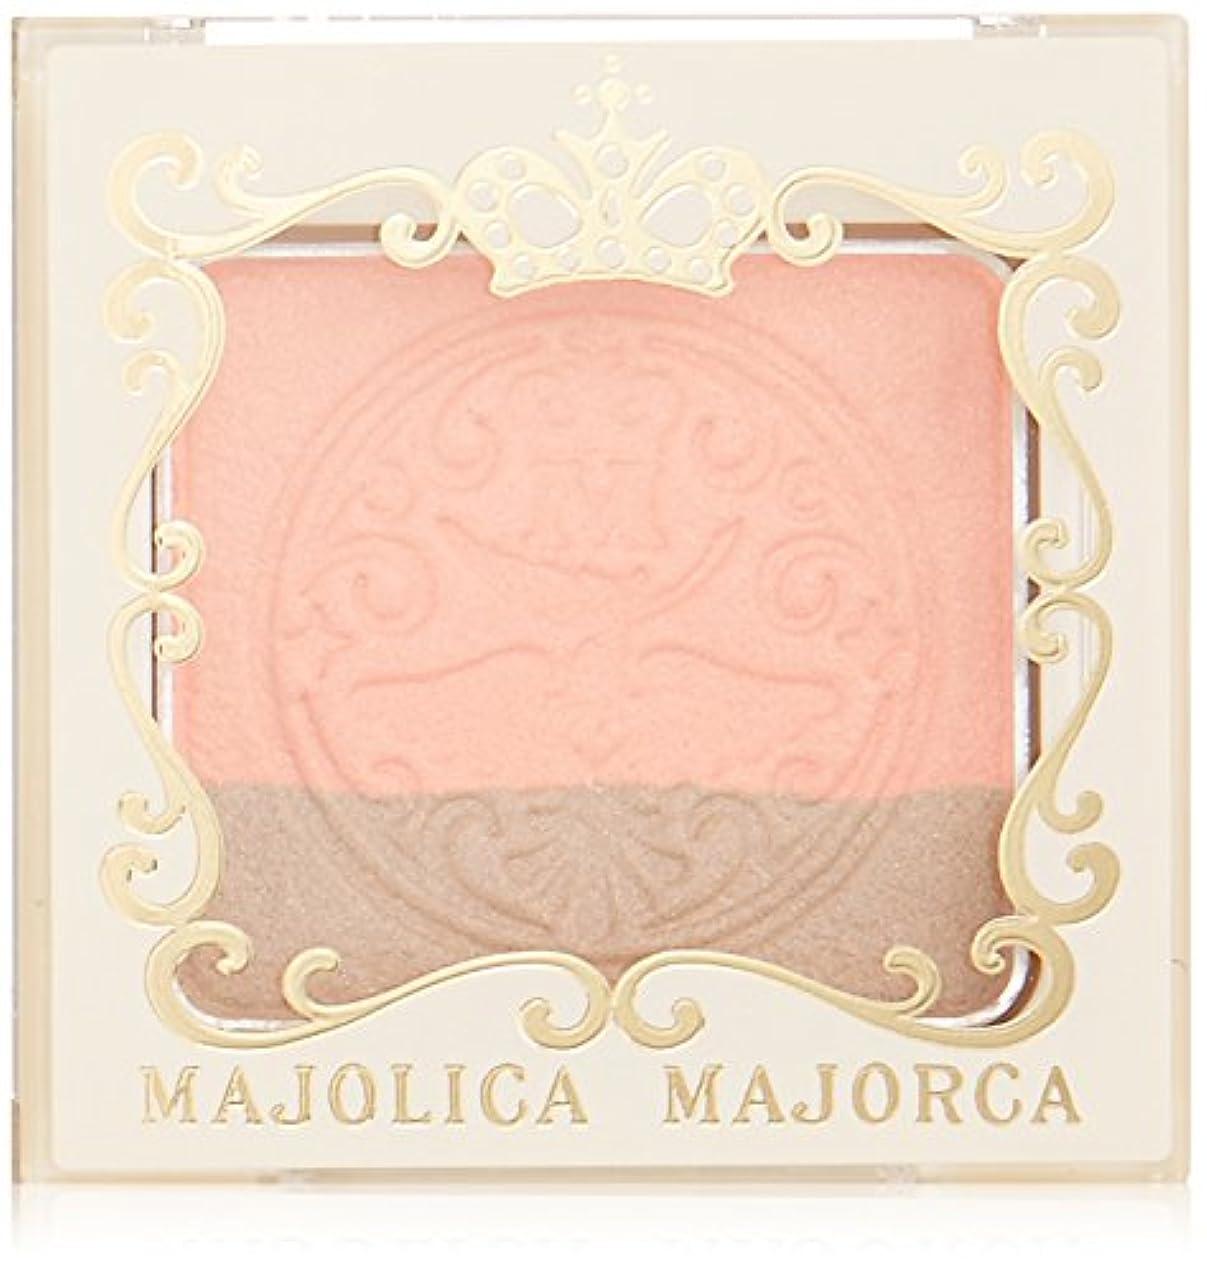 コンバーチブル損なう複製するマジョリカ マジョルカ オープンユアアイズ OR401 最短距離 (アイシャドウ) 2g